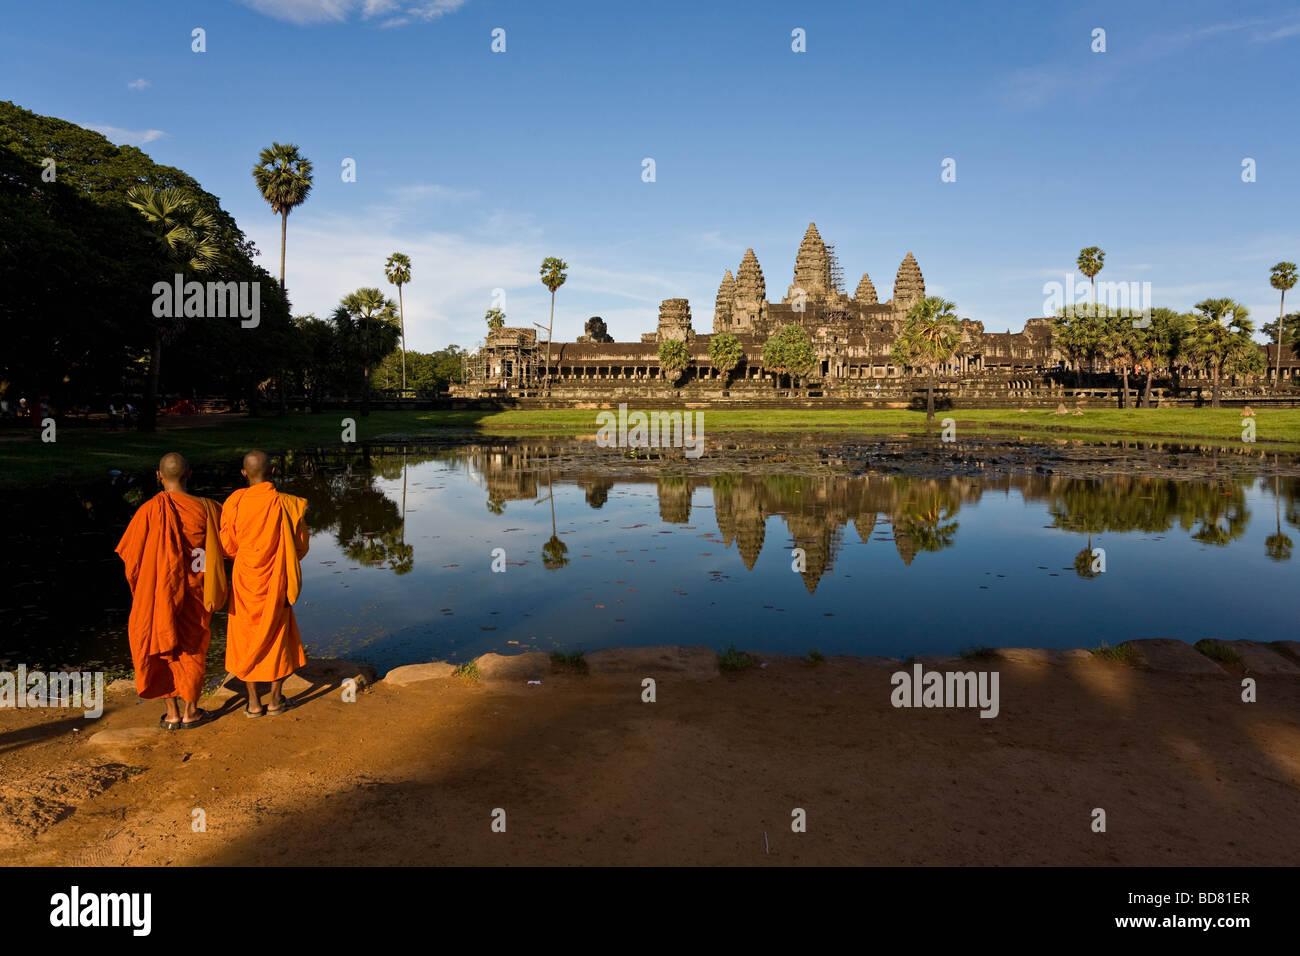 L'affichage classique d'Angkor Wat dans les piscines avec une réflexion claire, avec deux moines robe Photo Stock